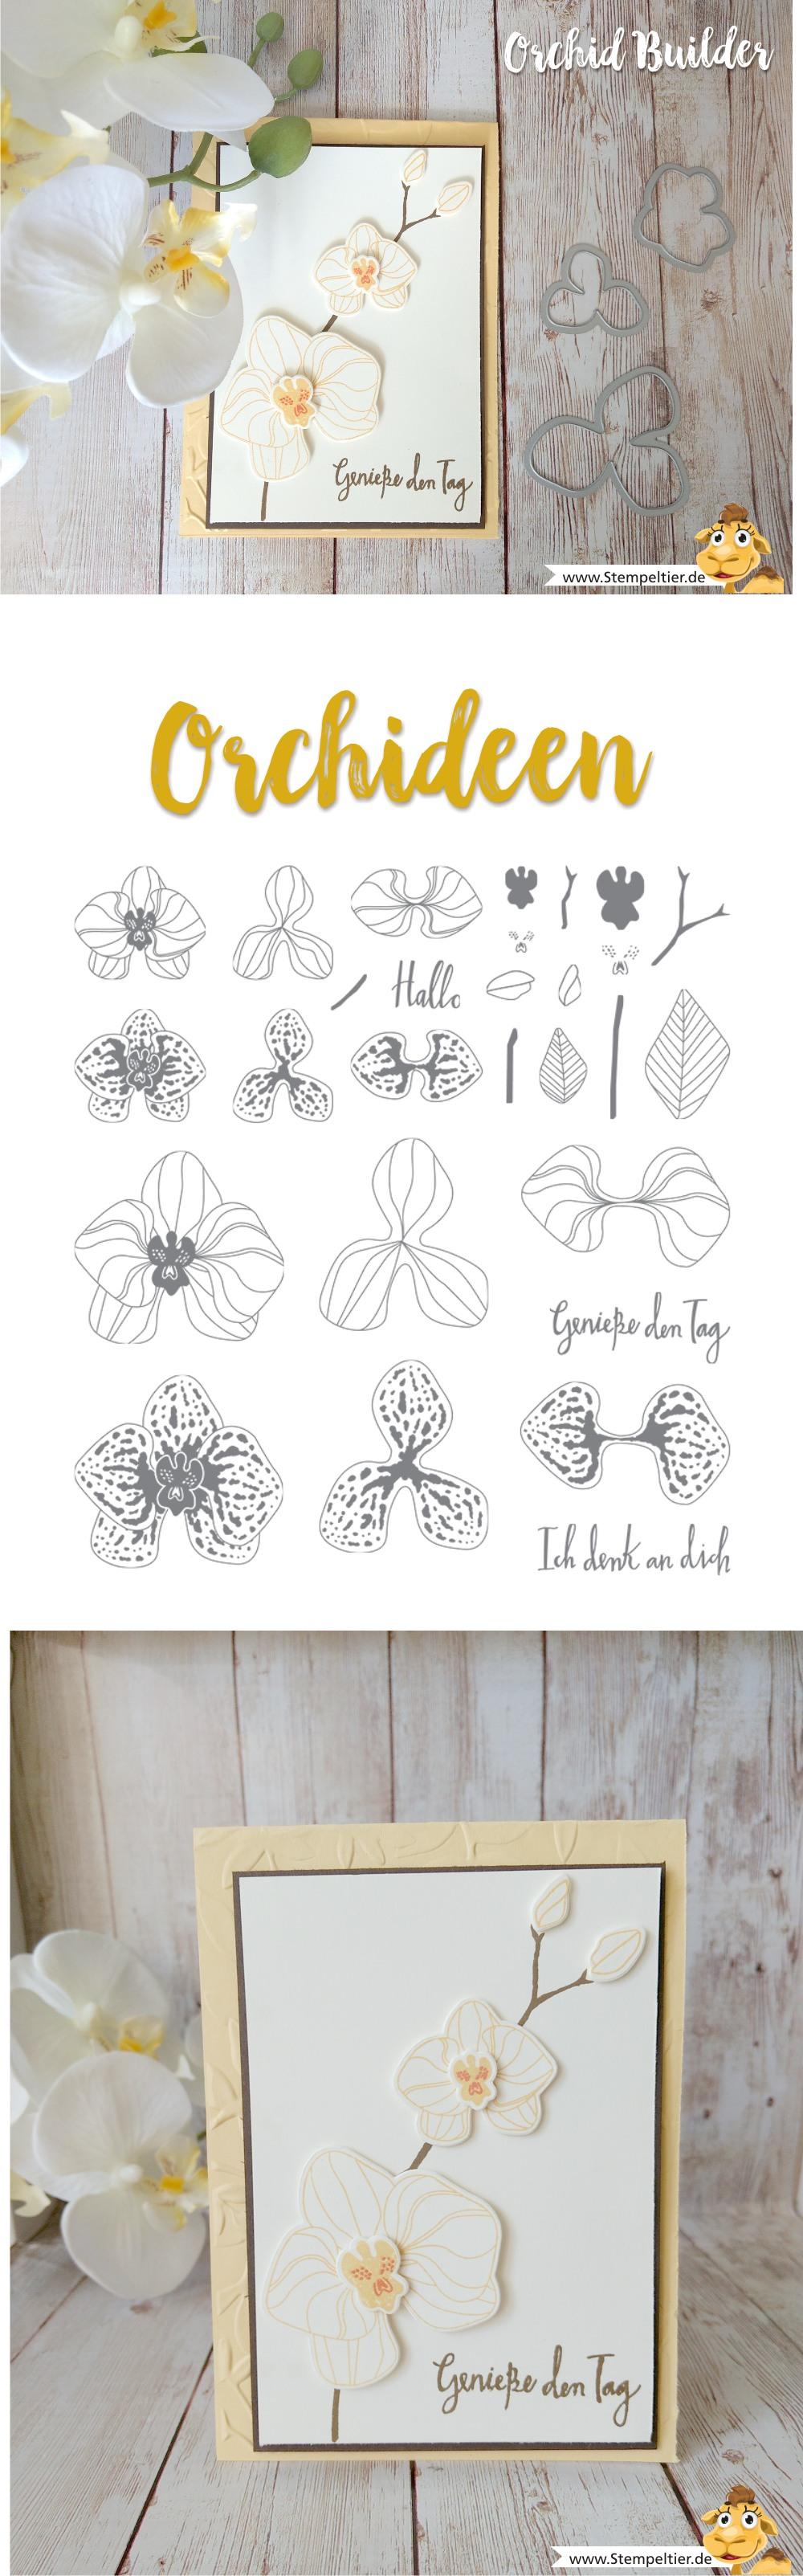 stampin up blog orchideen climbing orchid orchideenzweig orchid builder stempeltier verpacken